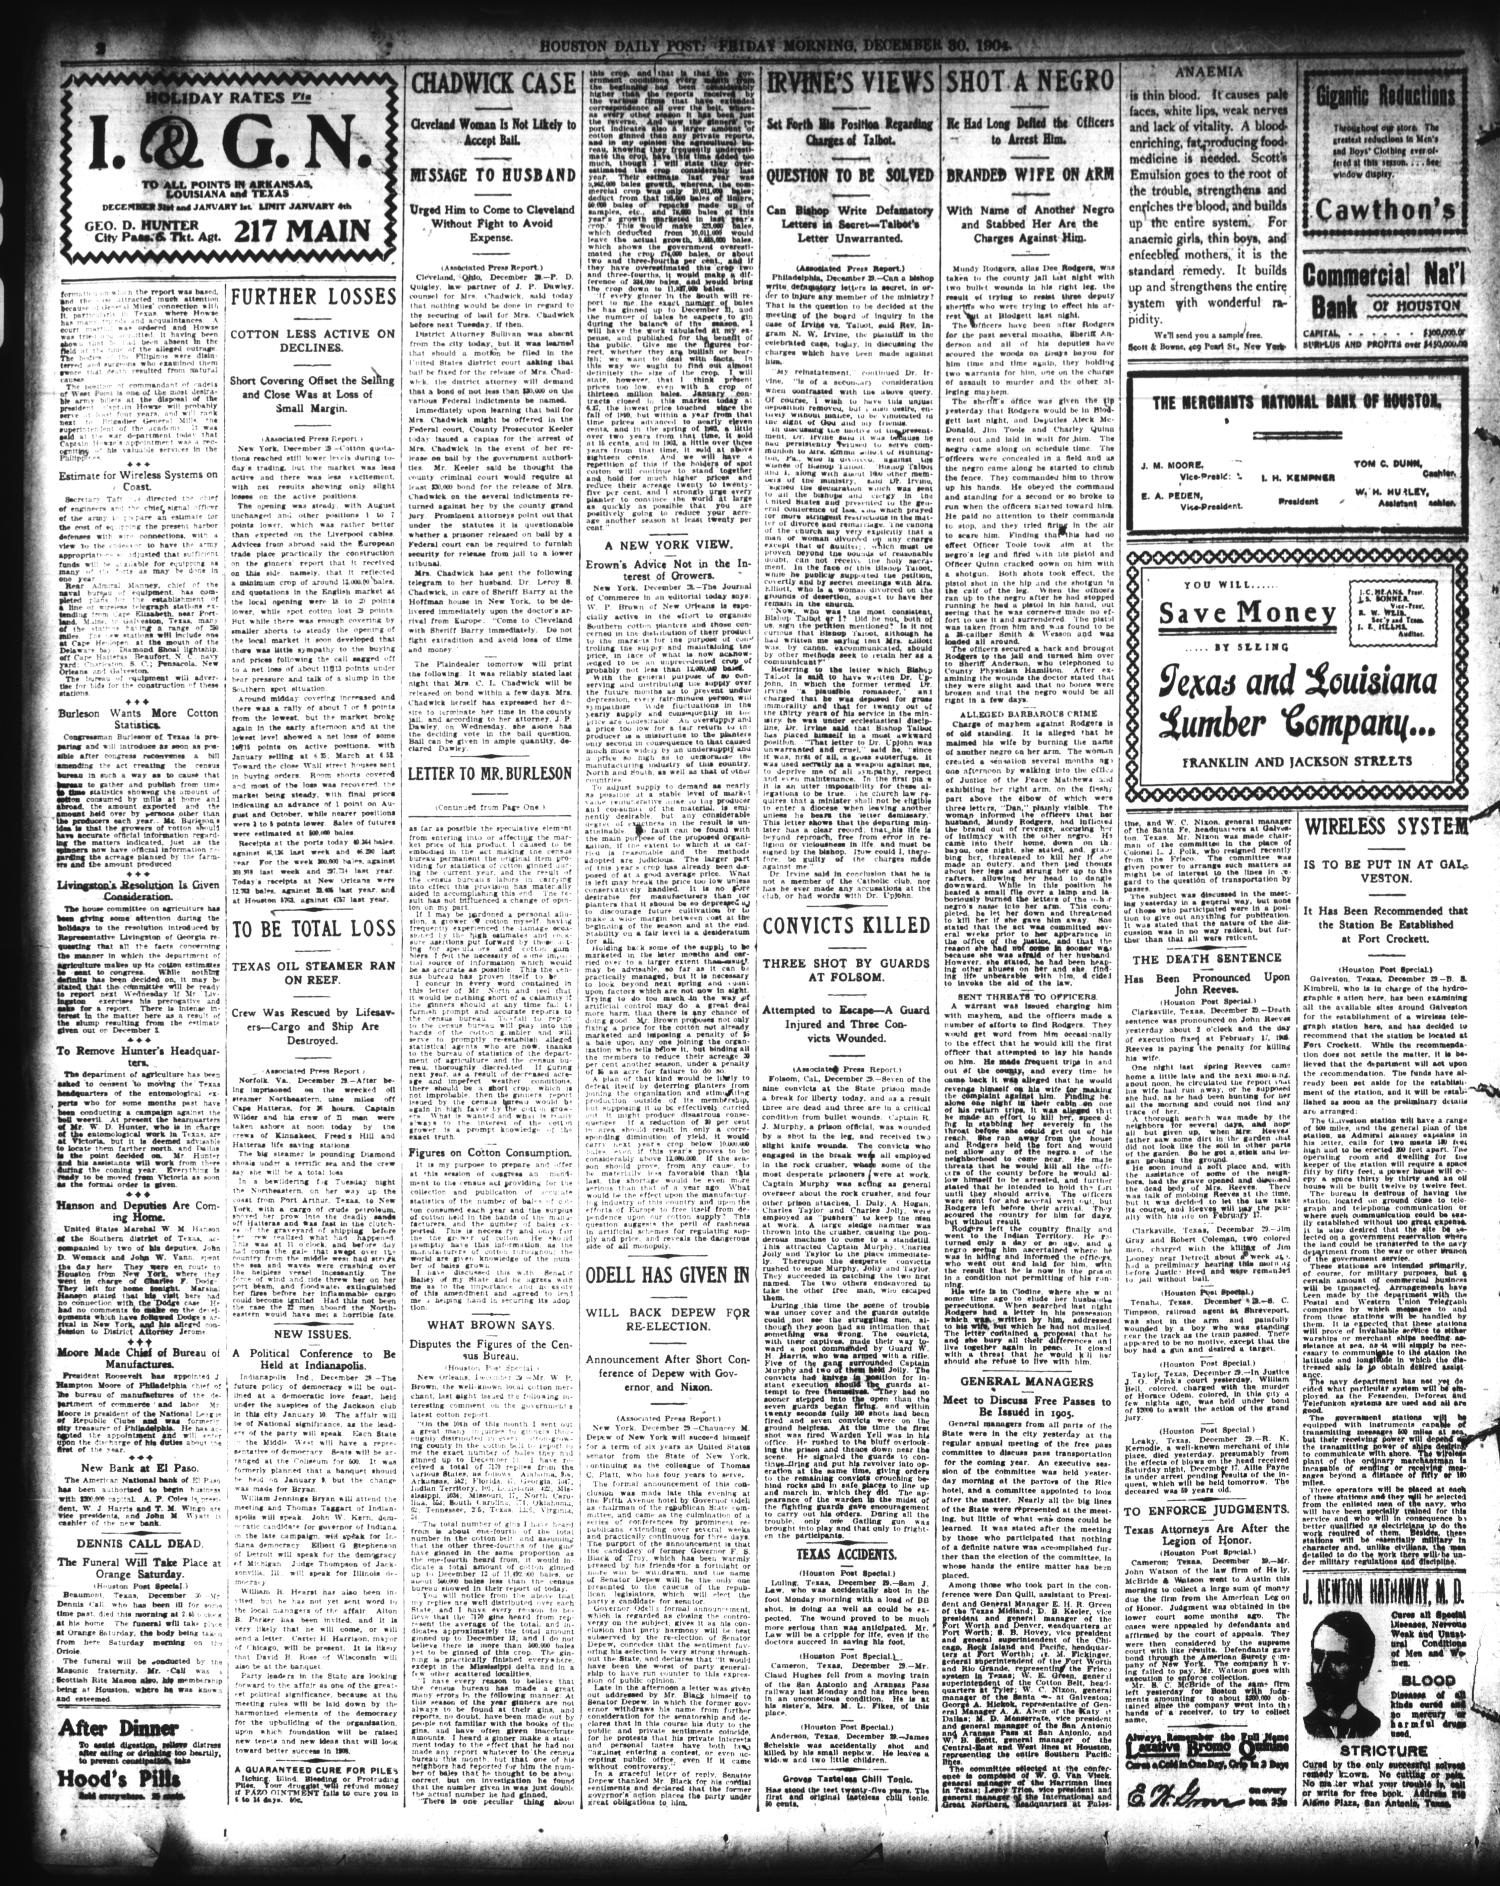 The Houston Post  (Houston, Tex ), Vol  20, No  290, Ed  1